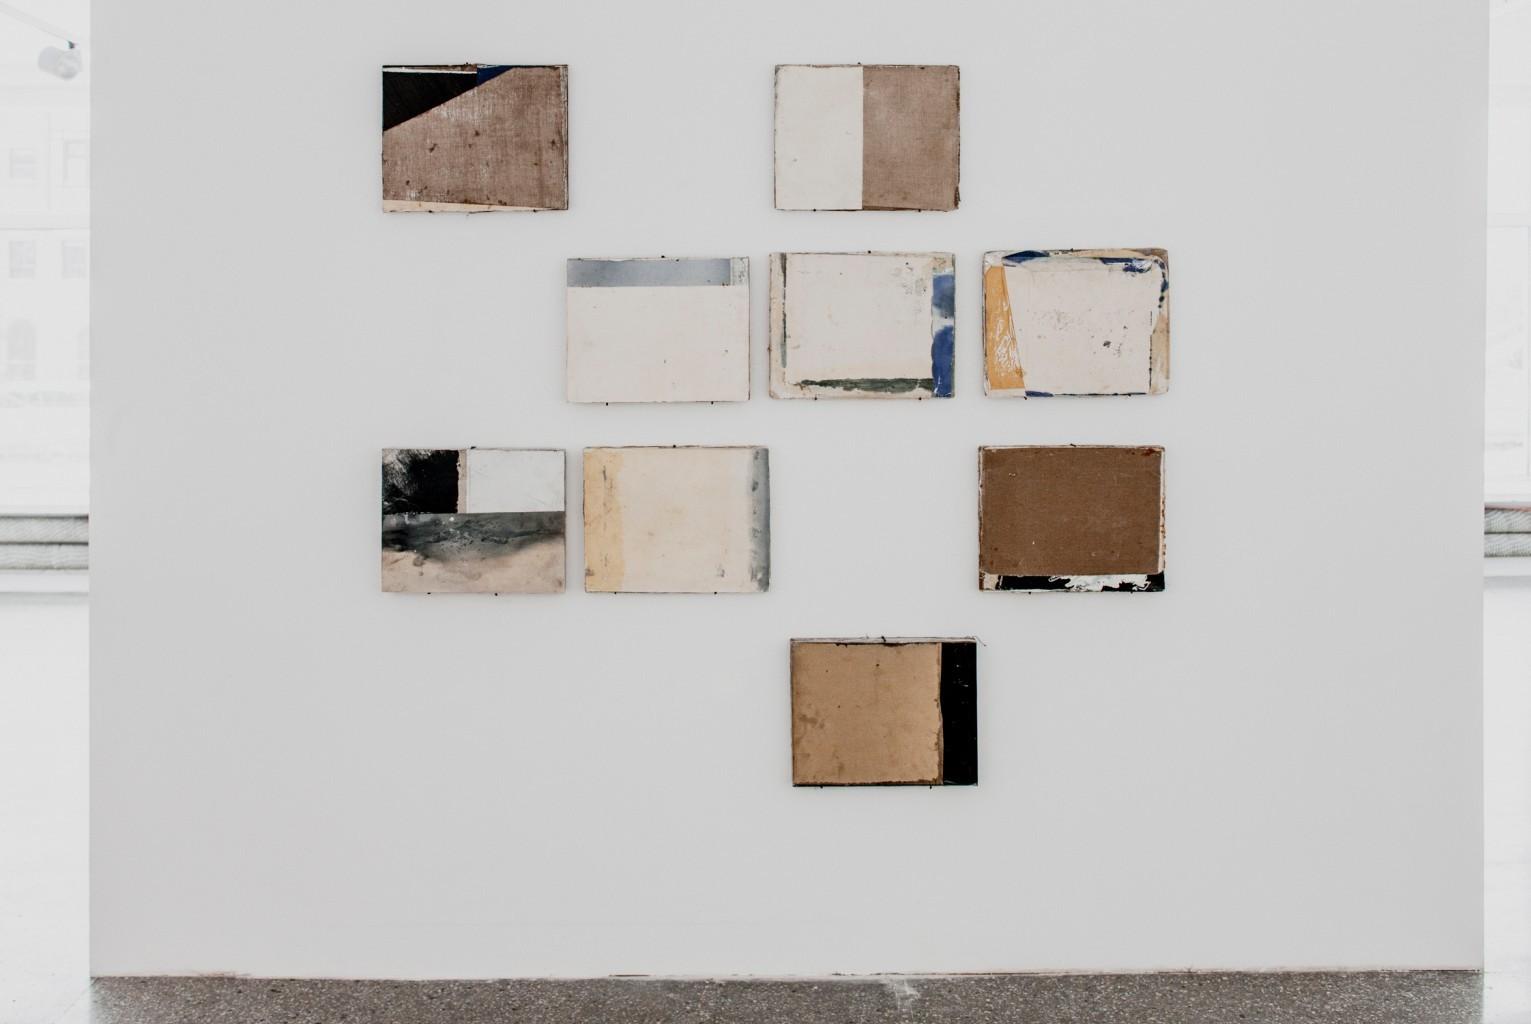 """Rafał Bujnowski, """"Śmieci"""", 2012, dzięki uprzejmości Gdańskiej Galerii Miejskiej"""